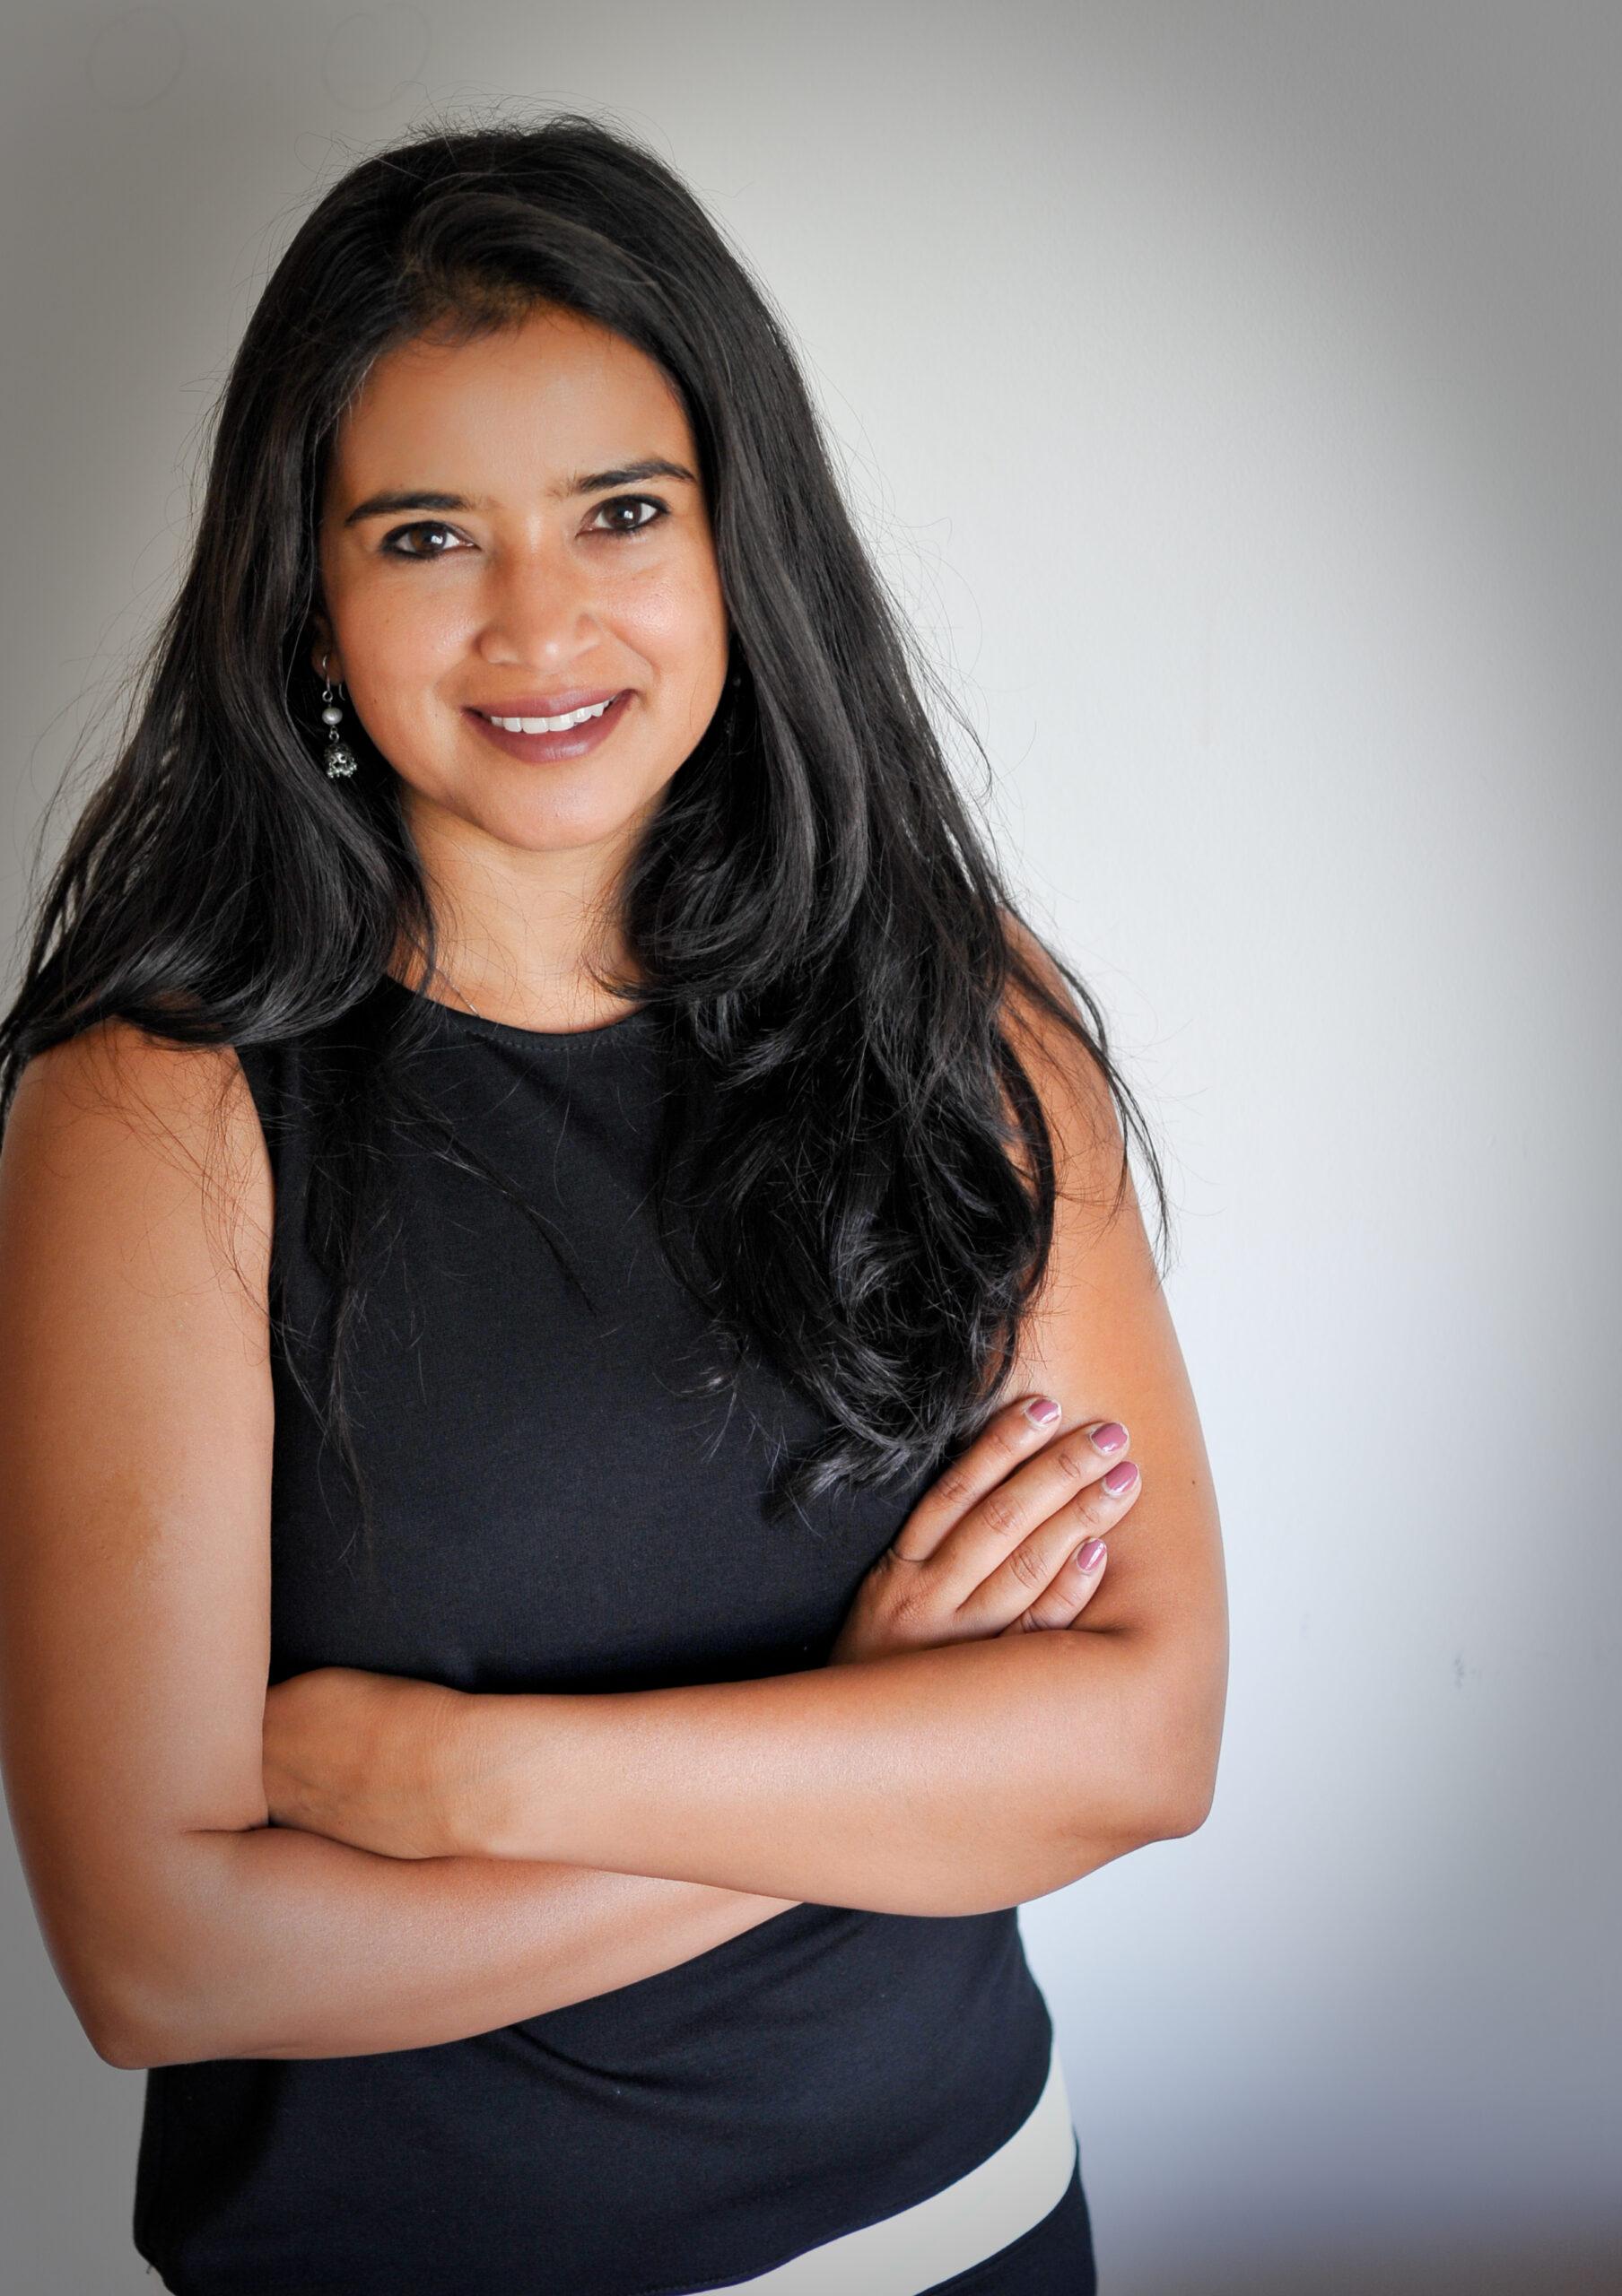 Leena Roy Founder of Niru Beauty